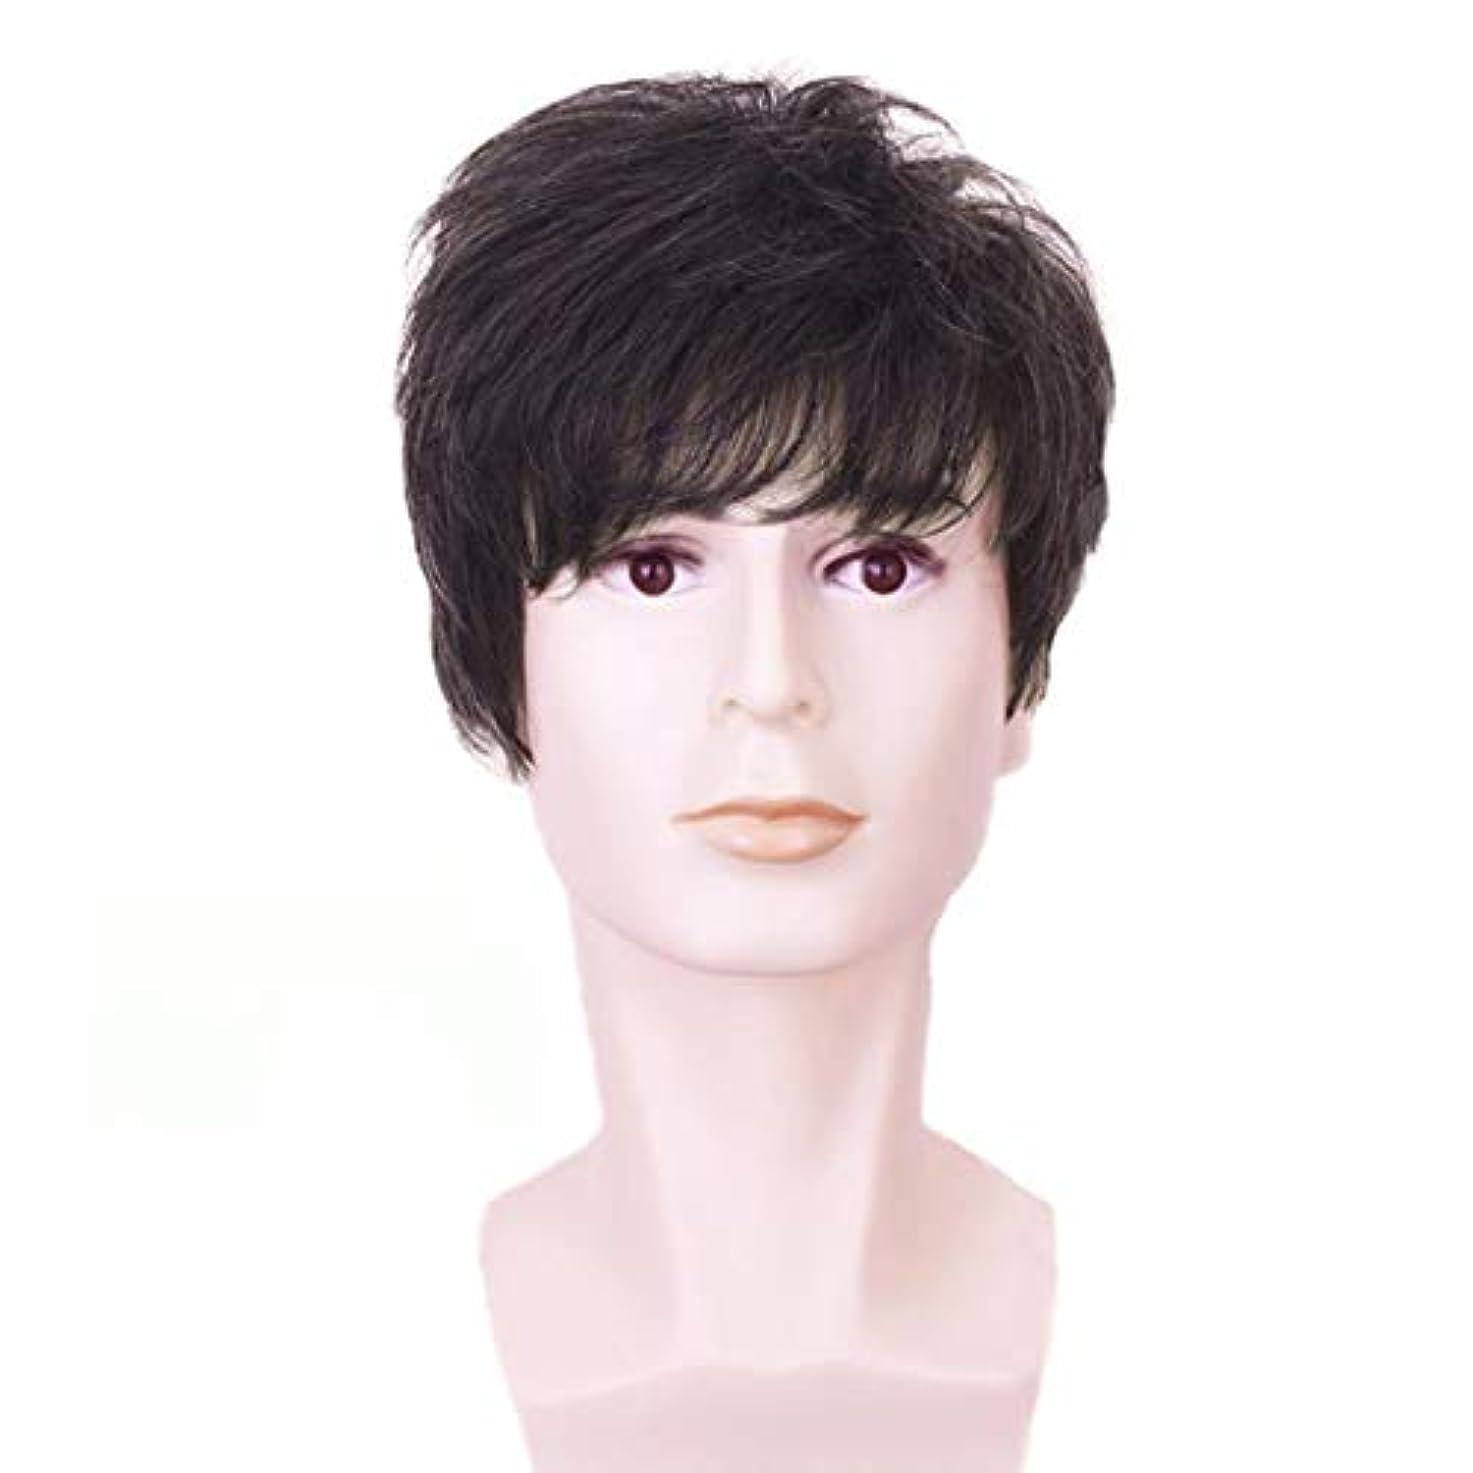 事実上親指衝突コースYOUQIU メンズ男性ガイウィッグショートレイヤー波状ハロウィンコスプレパーティーの髪10